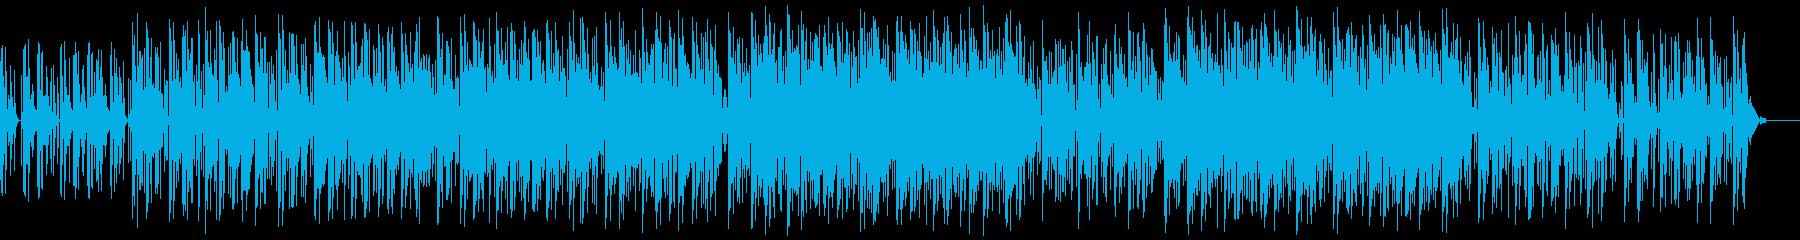 スラップベースの入ったDRUM'N'BAの再生済みの波形